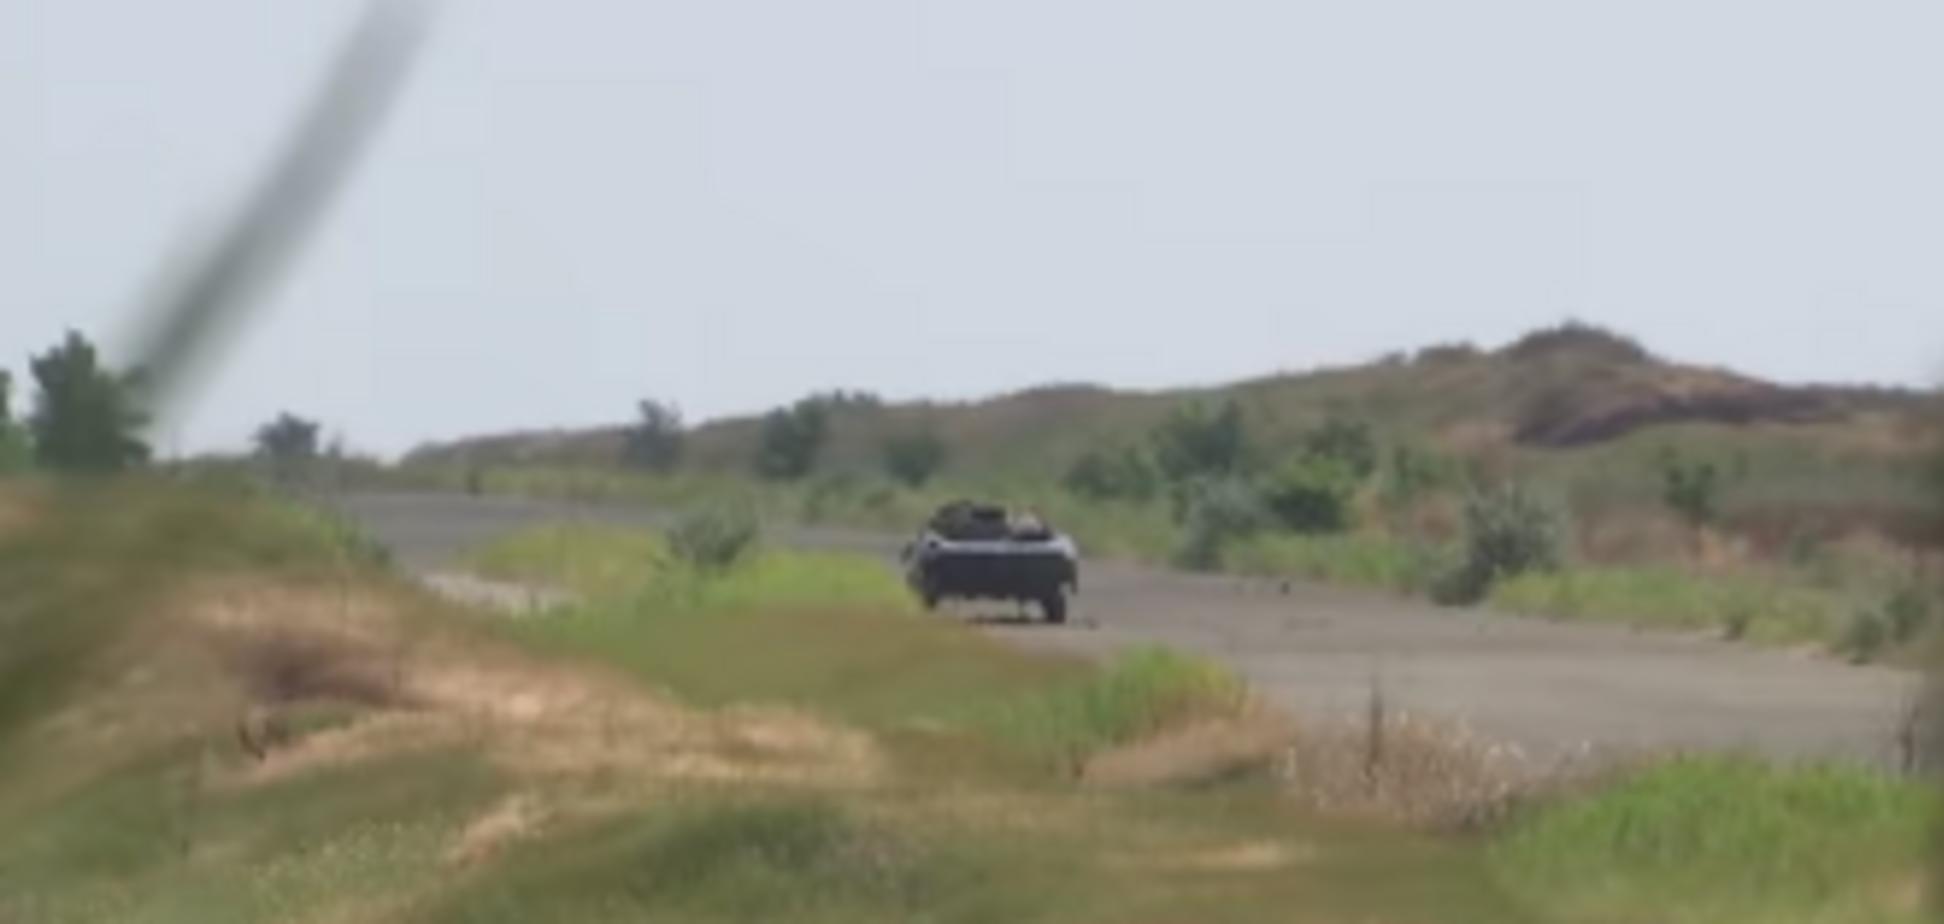 Страх втратили: бійці ЗСУ провели успішну операцію на Донбасі